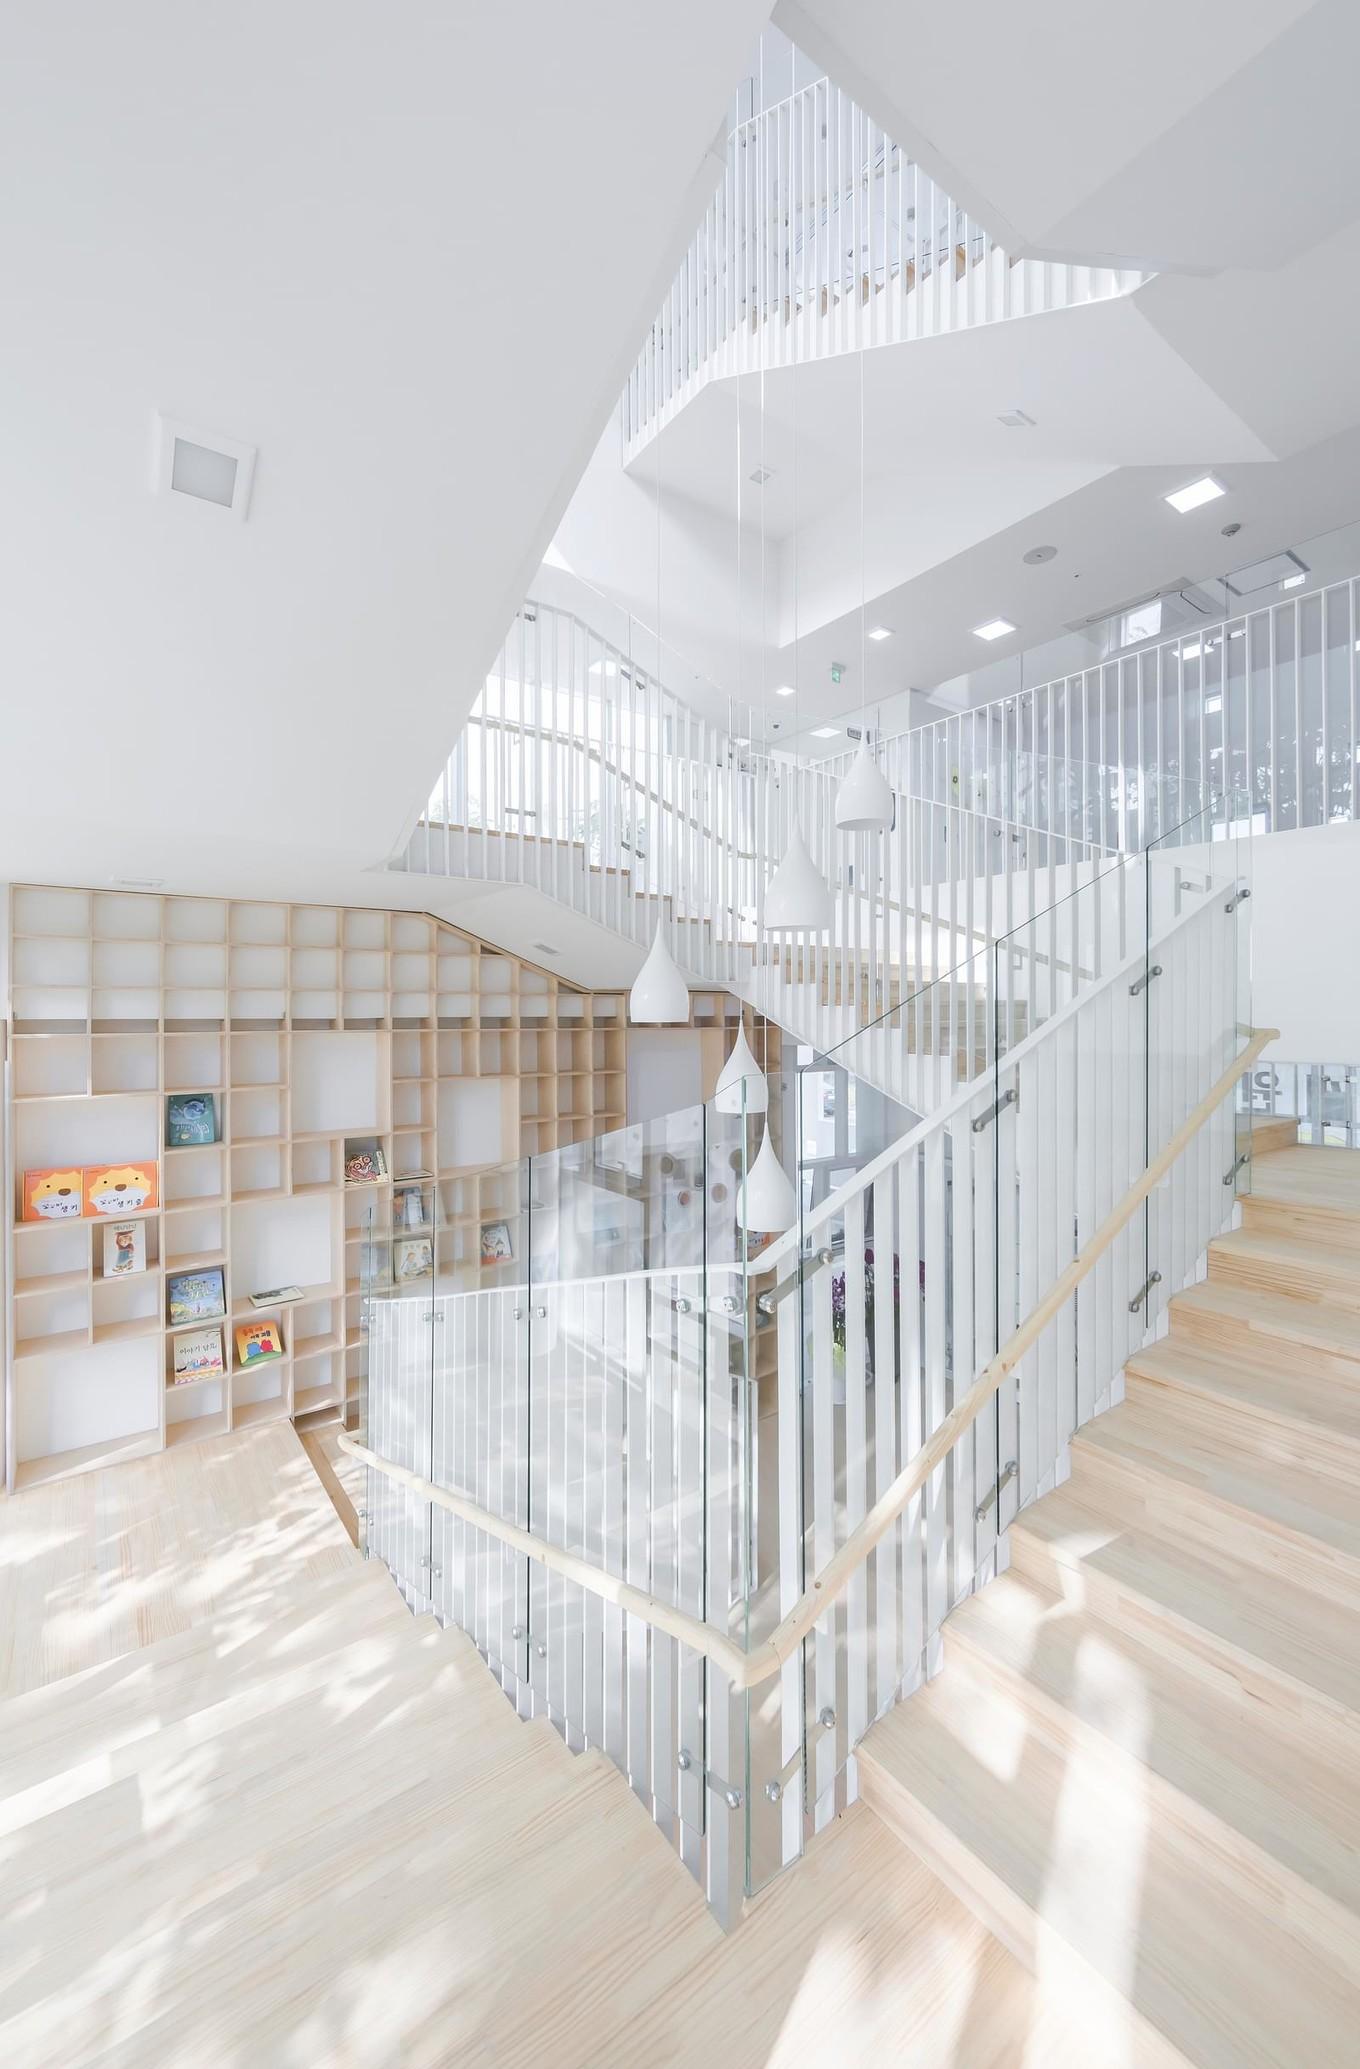 Интерьер и архитектура детского сада в Южной Корее